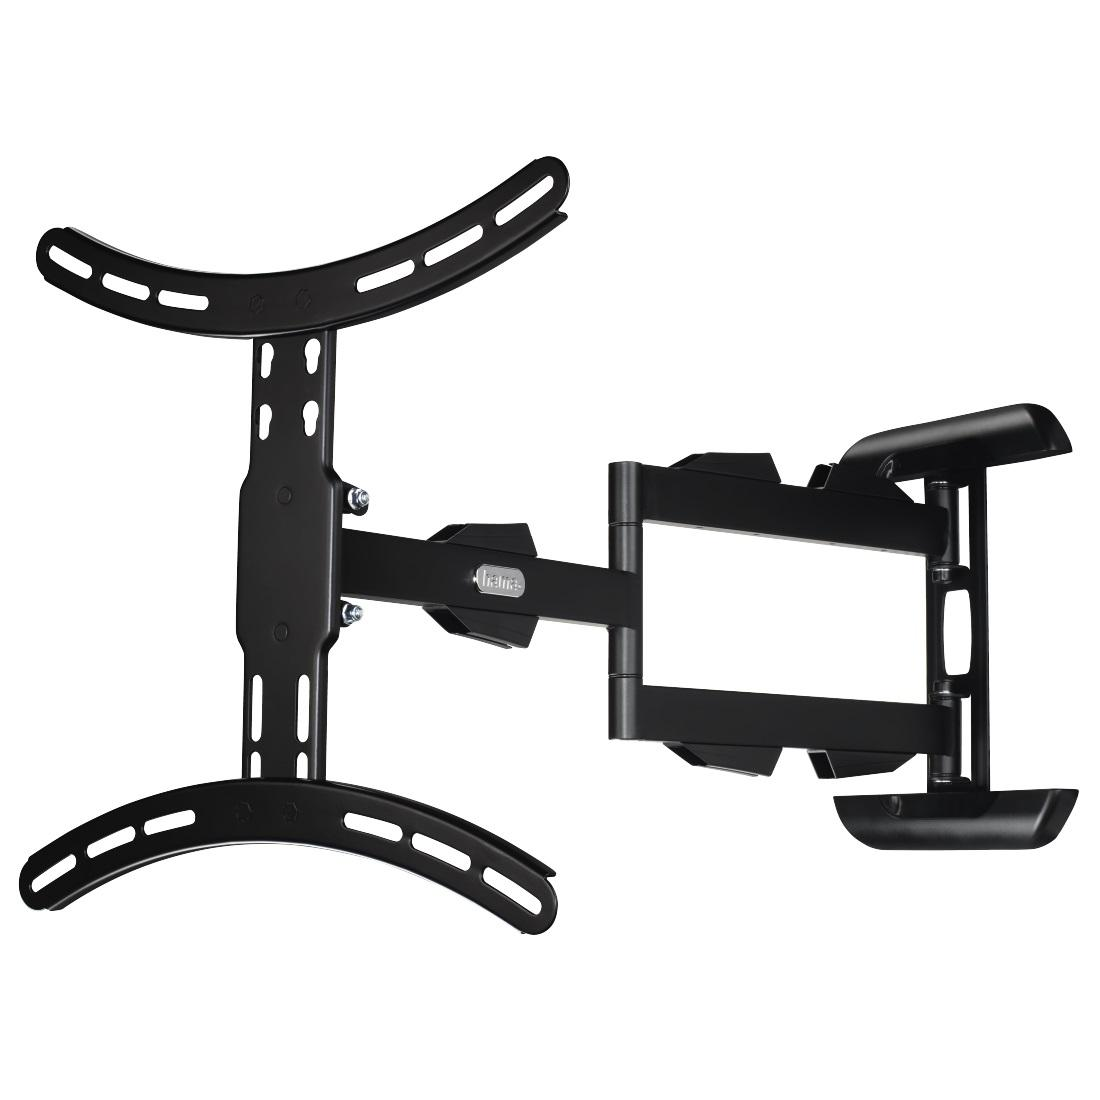 Стенна стойка за TV HAMA 108712, Регулируема, 165 cm (65), 25 кг, 2 рамена, 3 звезди, Черен